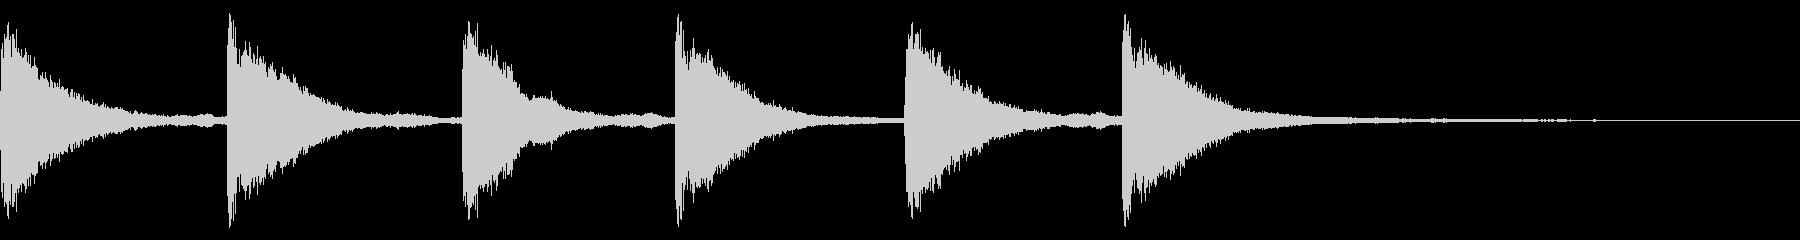 メルトンチャーチベル4:シックスリングの未再生の波形